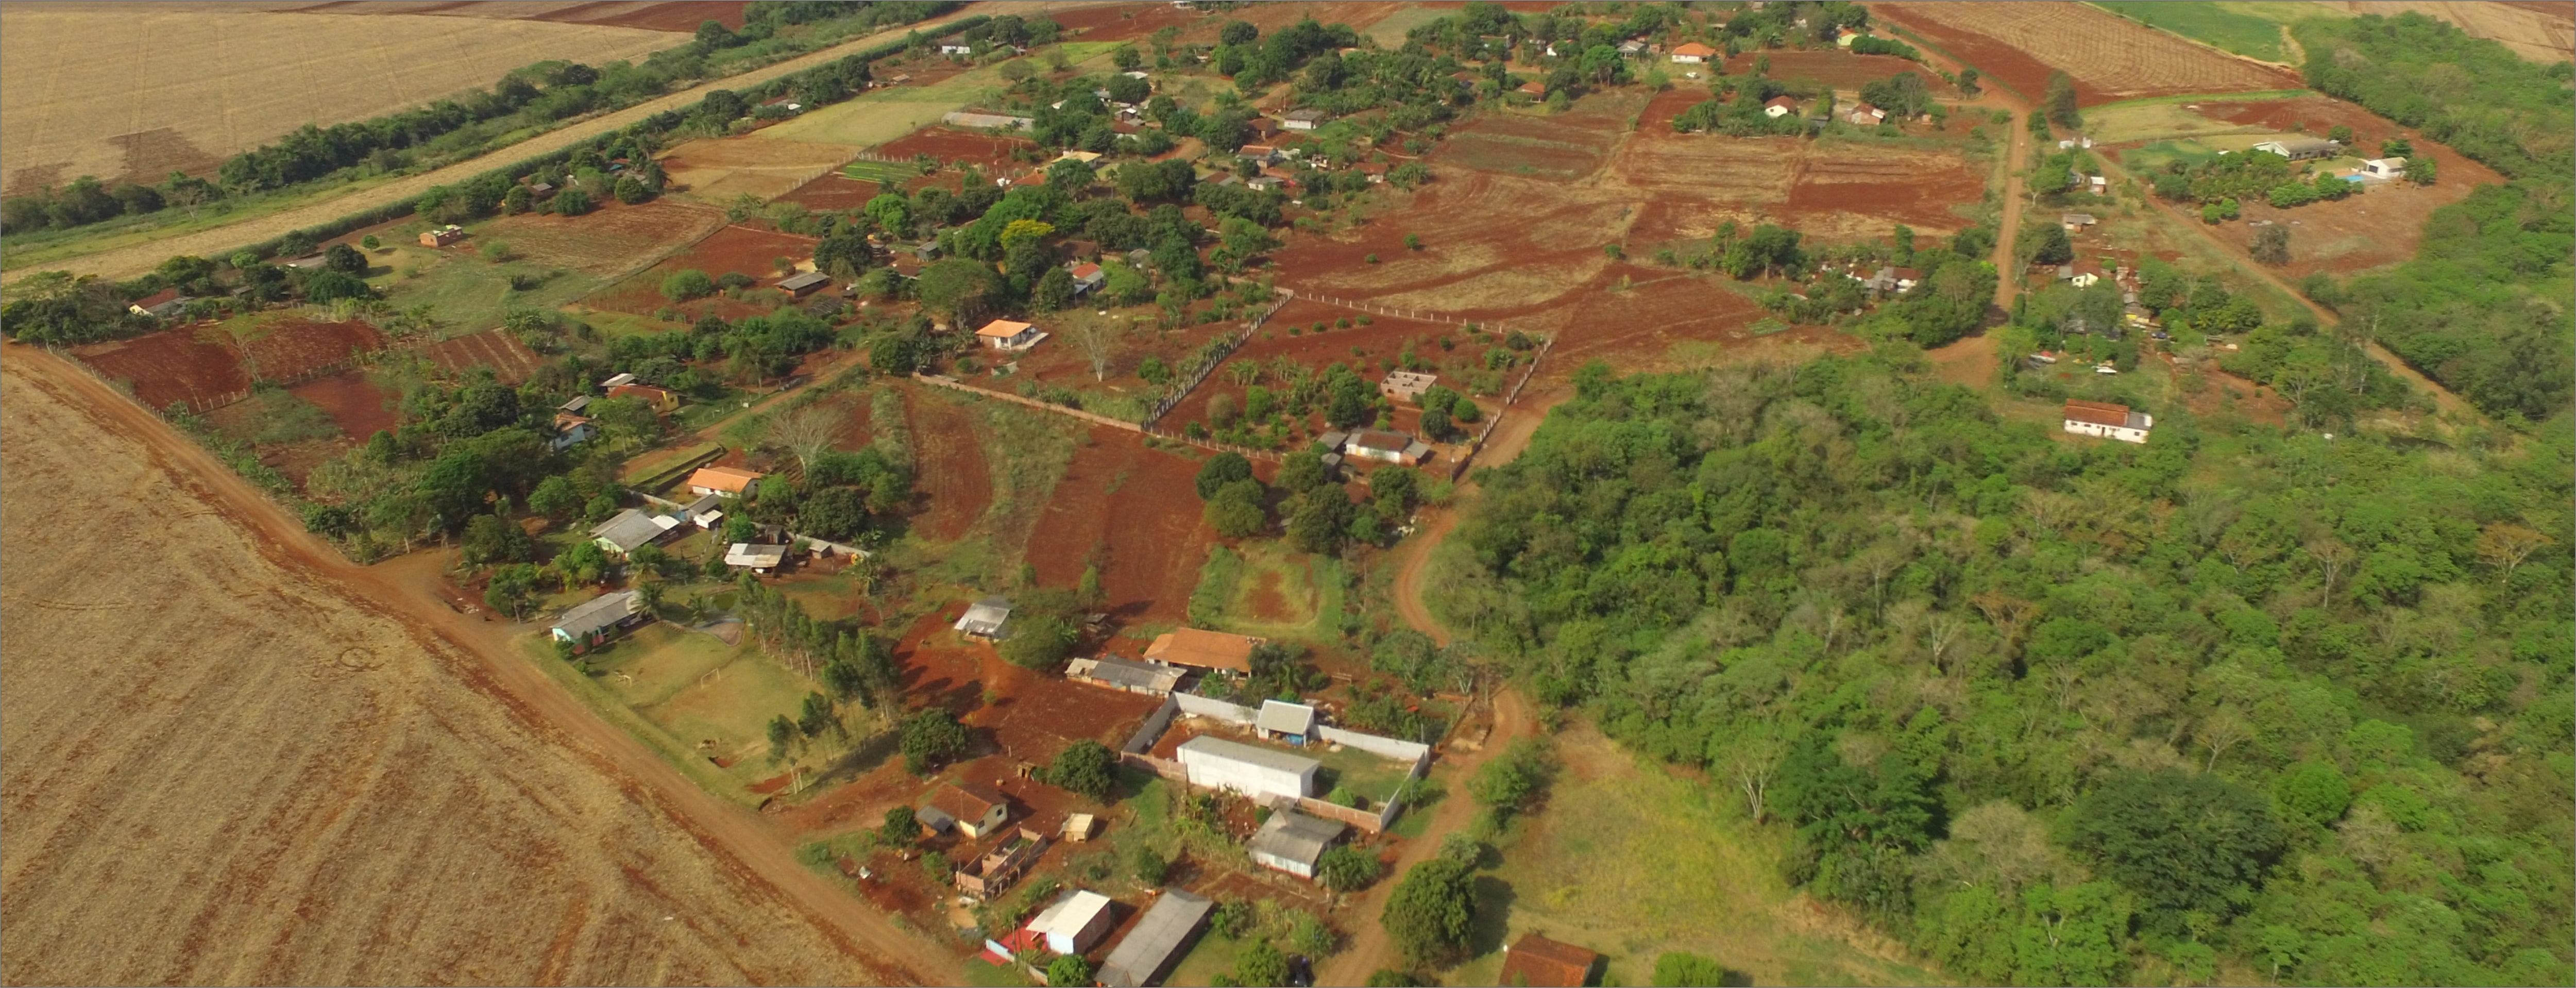 Vila Rural